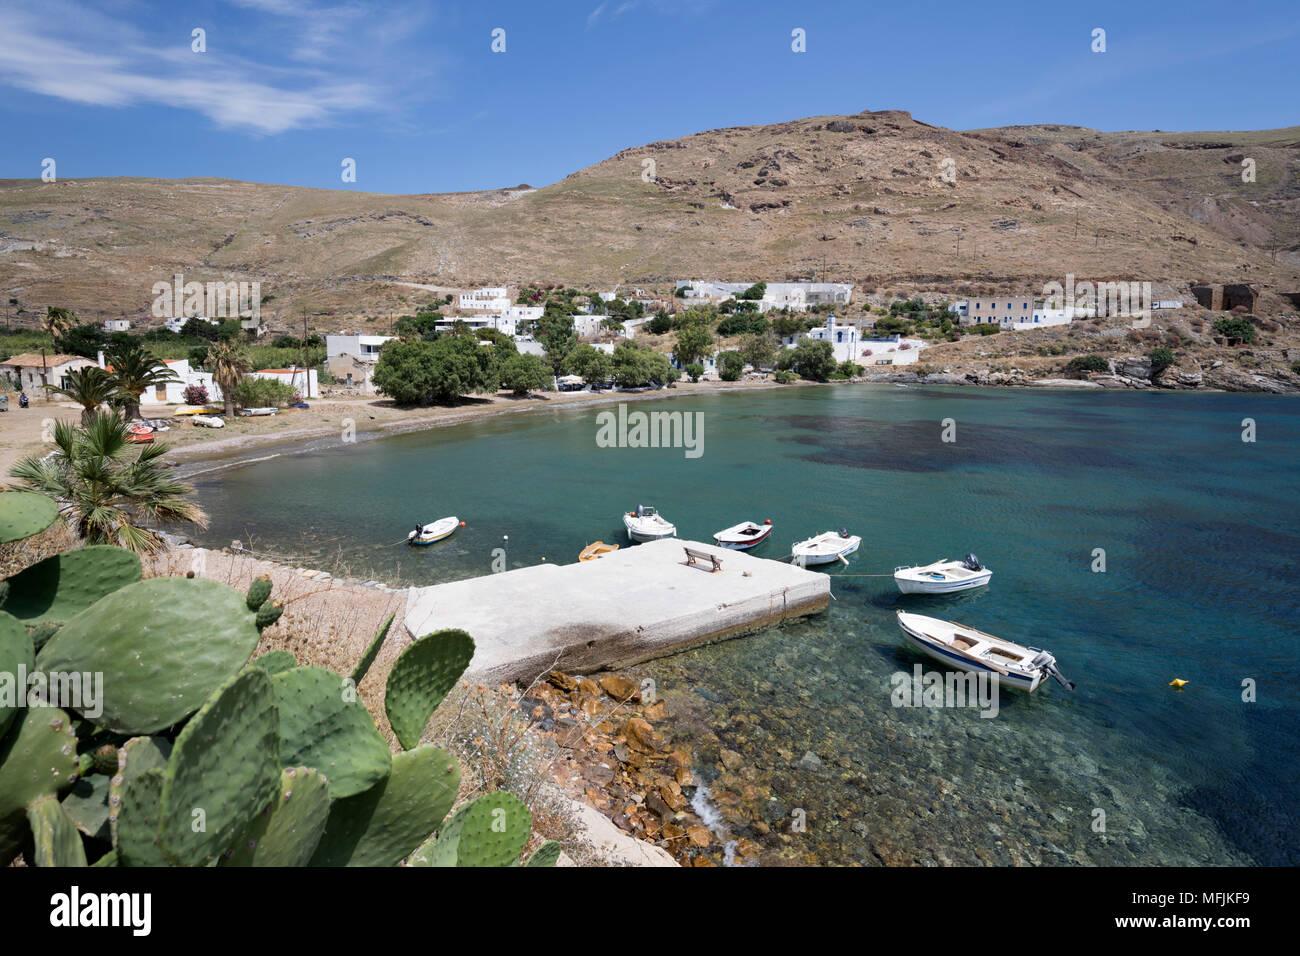 Vue sur Megalo Livadi sur la côte ouest de l'île, Serifos, Cyclades, Mer Égée, îles grecques, Grèce, Europe Banque D'Images